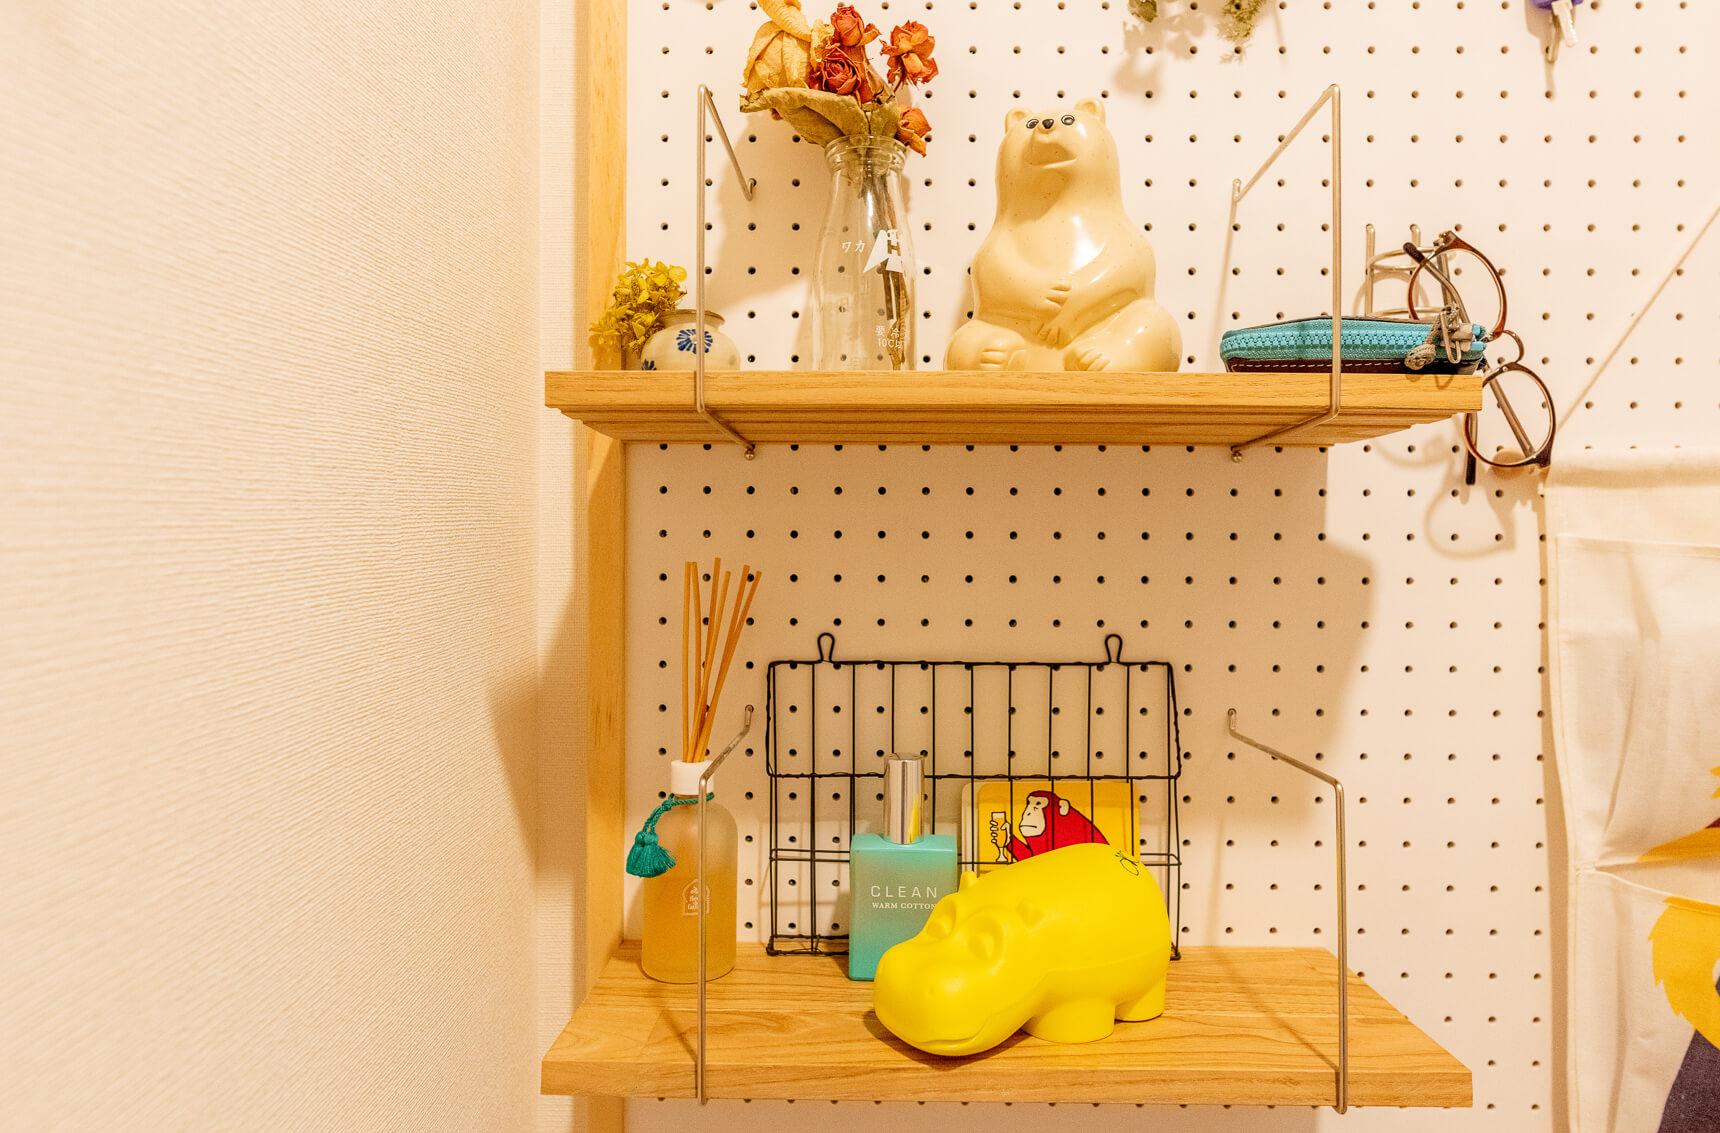 さきほどの玄関廊下に魅力的に置かれているグッズにも動物モチーフのものがちらほら。